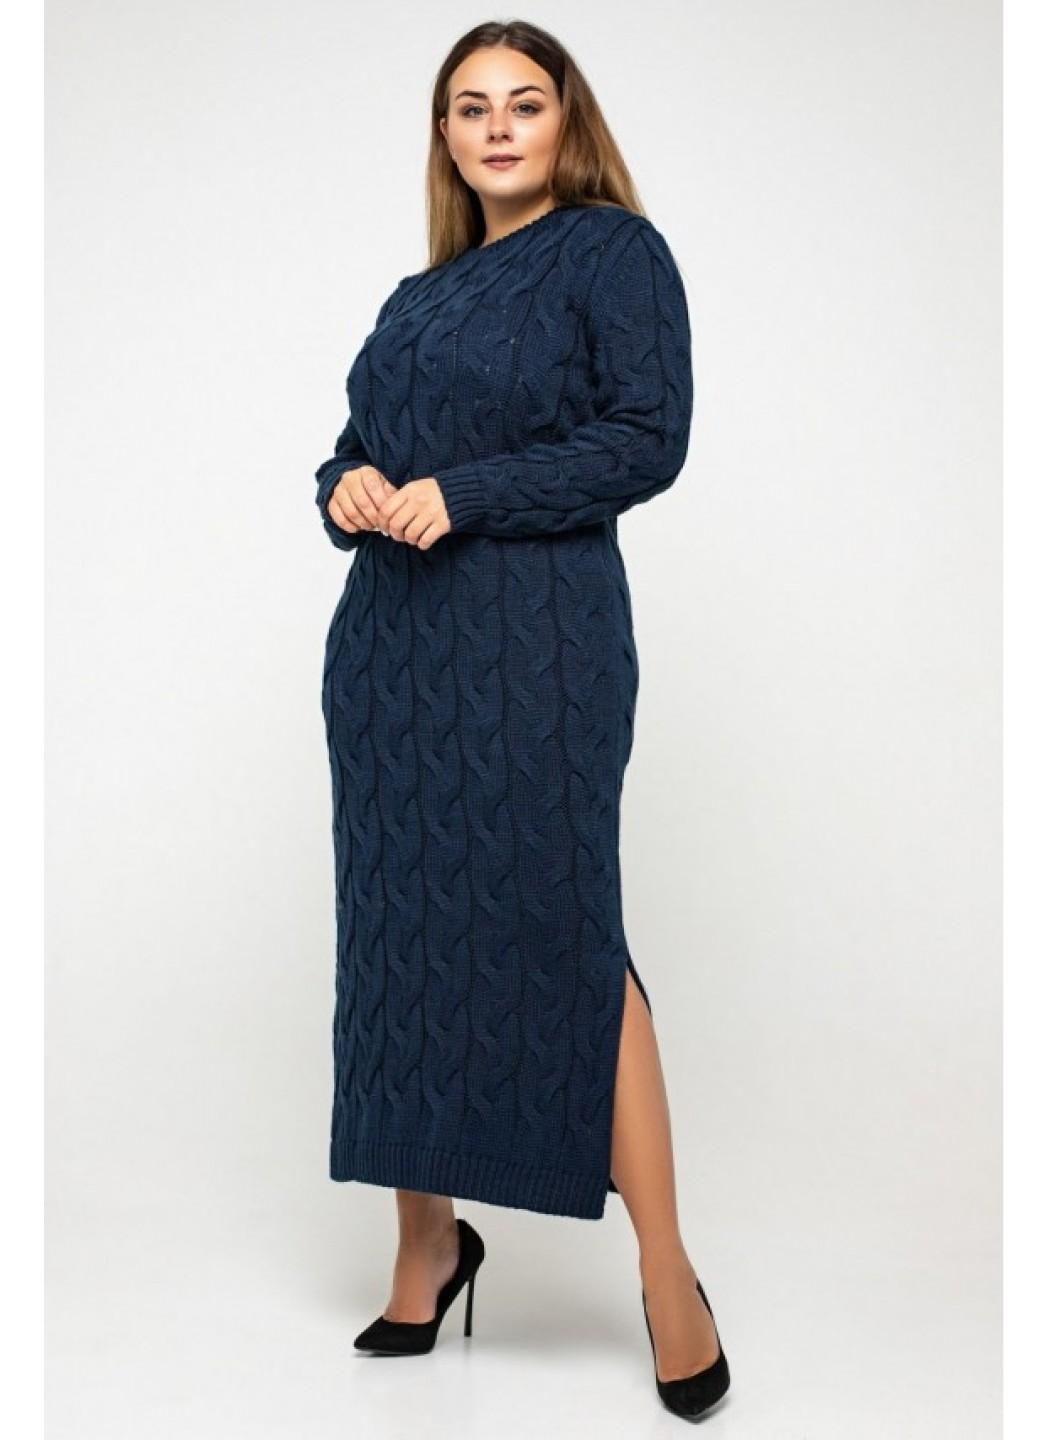 Женское Вязаное Платье Эвелина Темно-синий Size+ купить в Украине: фото, цена, характеристики, отзывы - фото 1